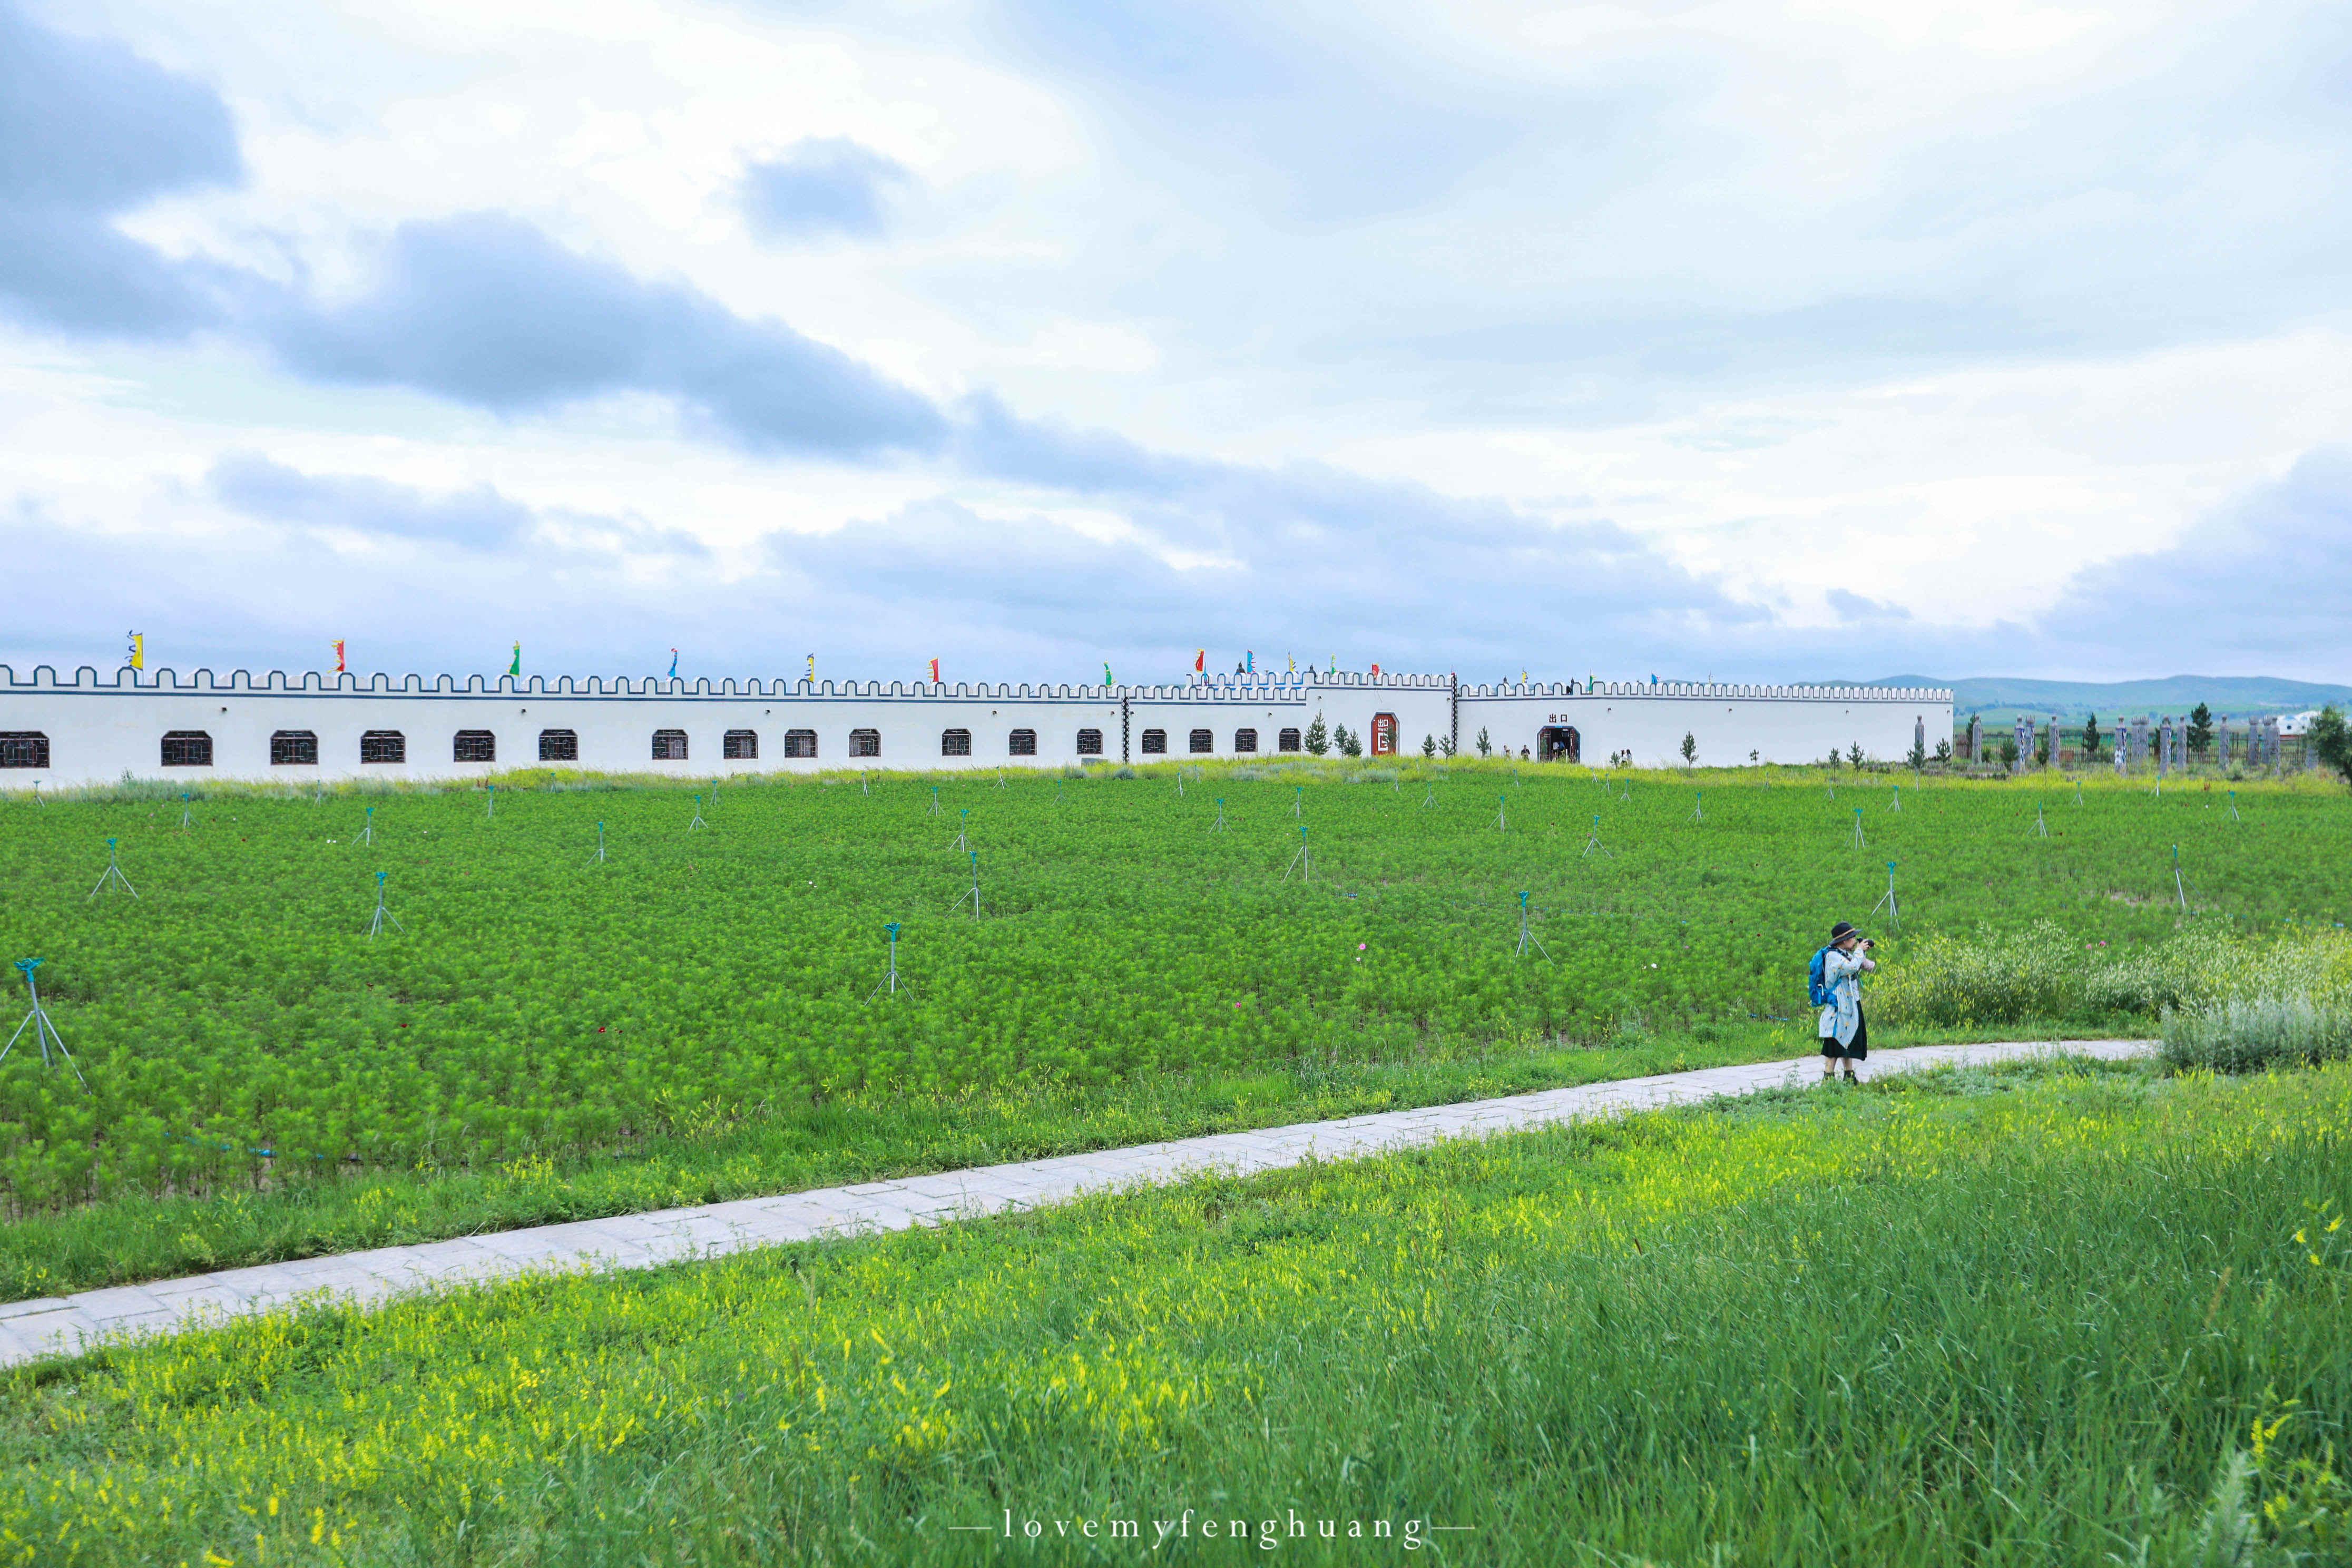 原创             河北省的避暑胜地,夏天不到24℃,京北第一草原上规模最大的景区